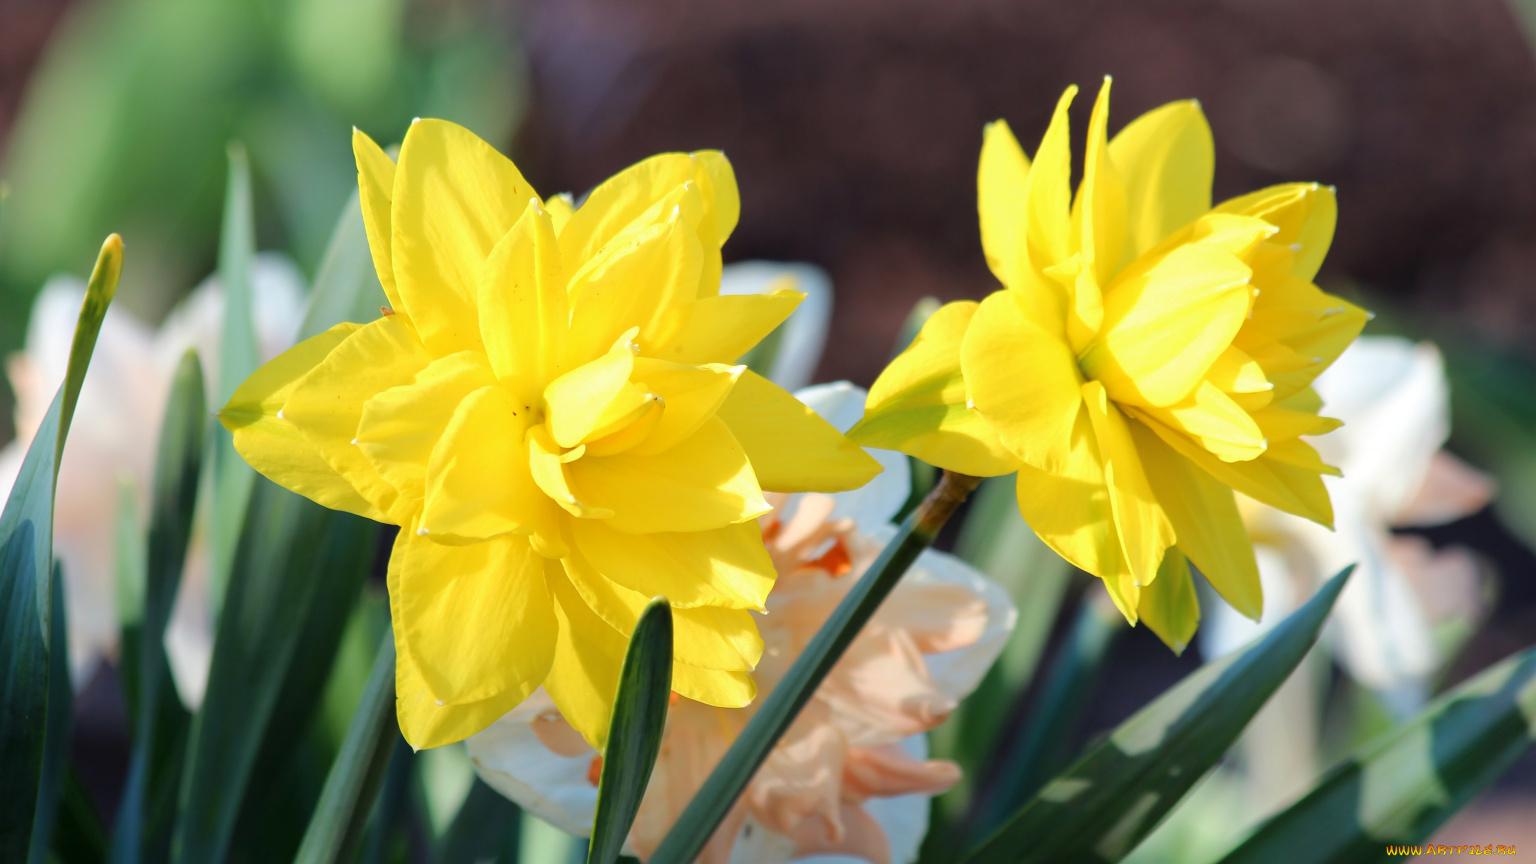 природа цветы желтые нарцисс бесплатно